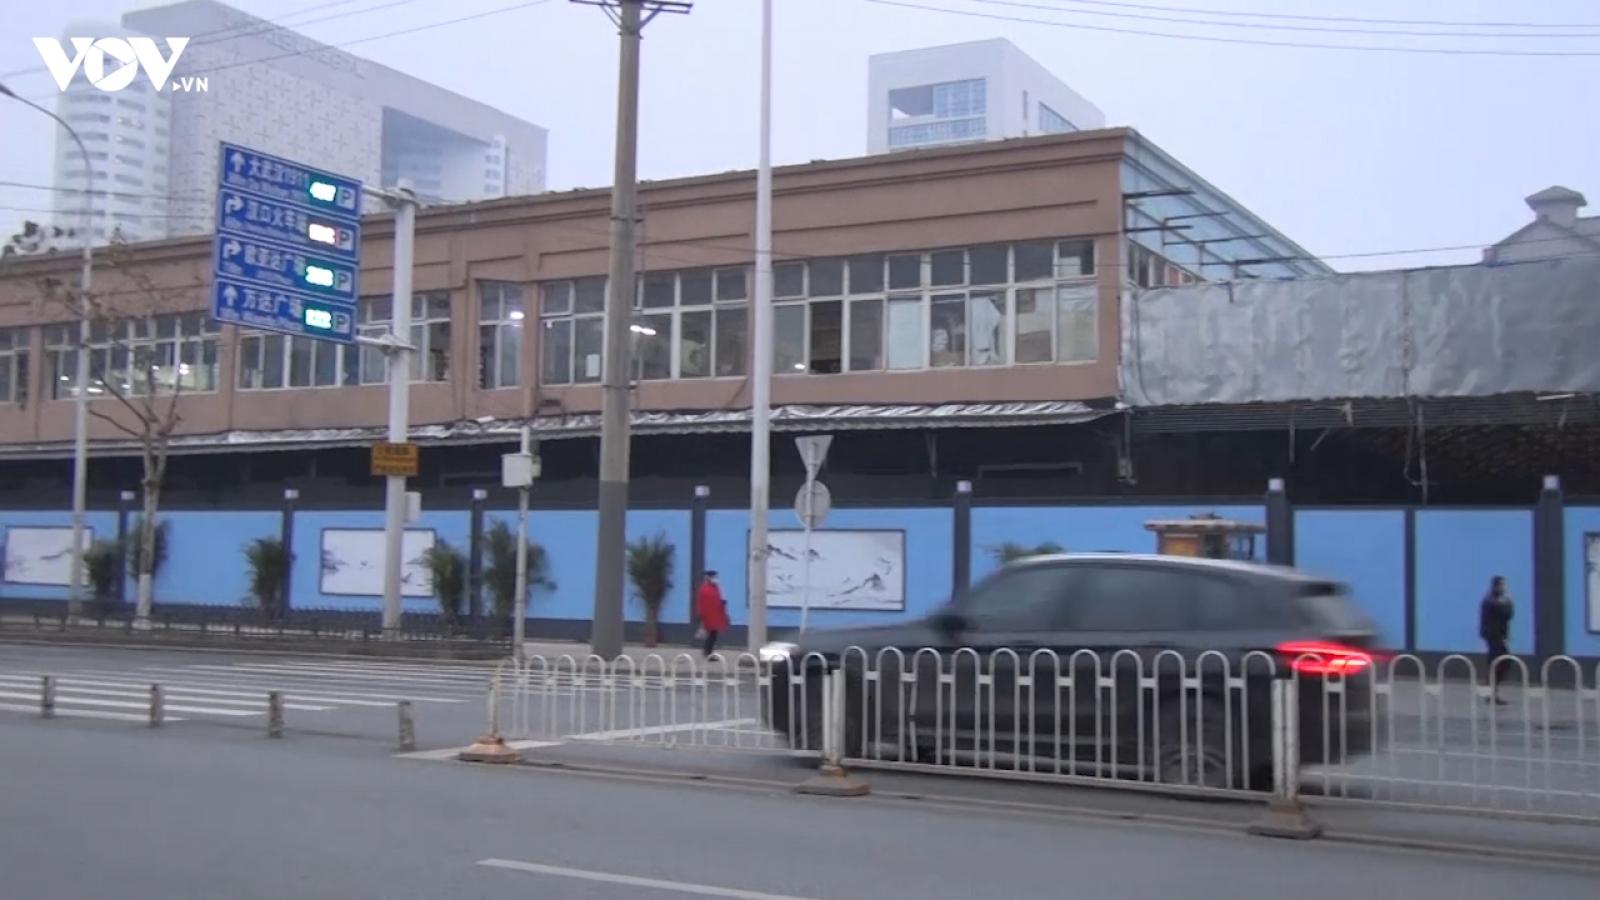 Chợ hải sản Hoa Nam ở Vũ Hán tròn 1 năm sau khi đóng cửa